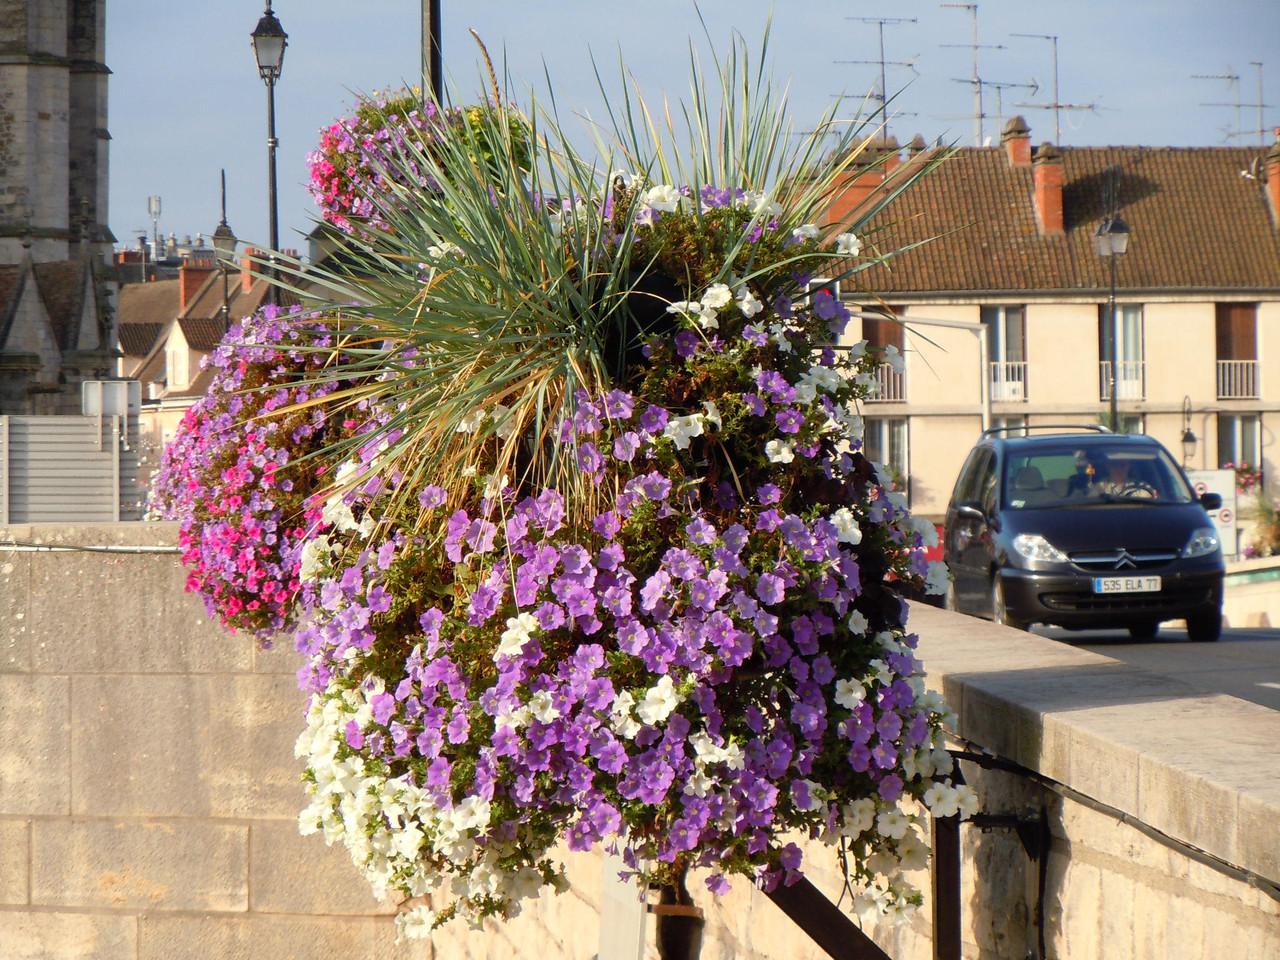 Blumenschmuck auf einer Brücke in Montereau